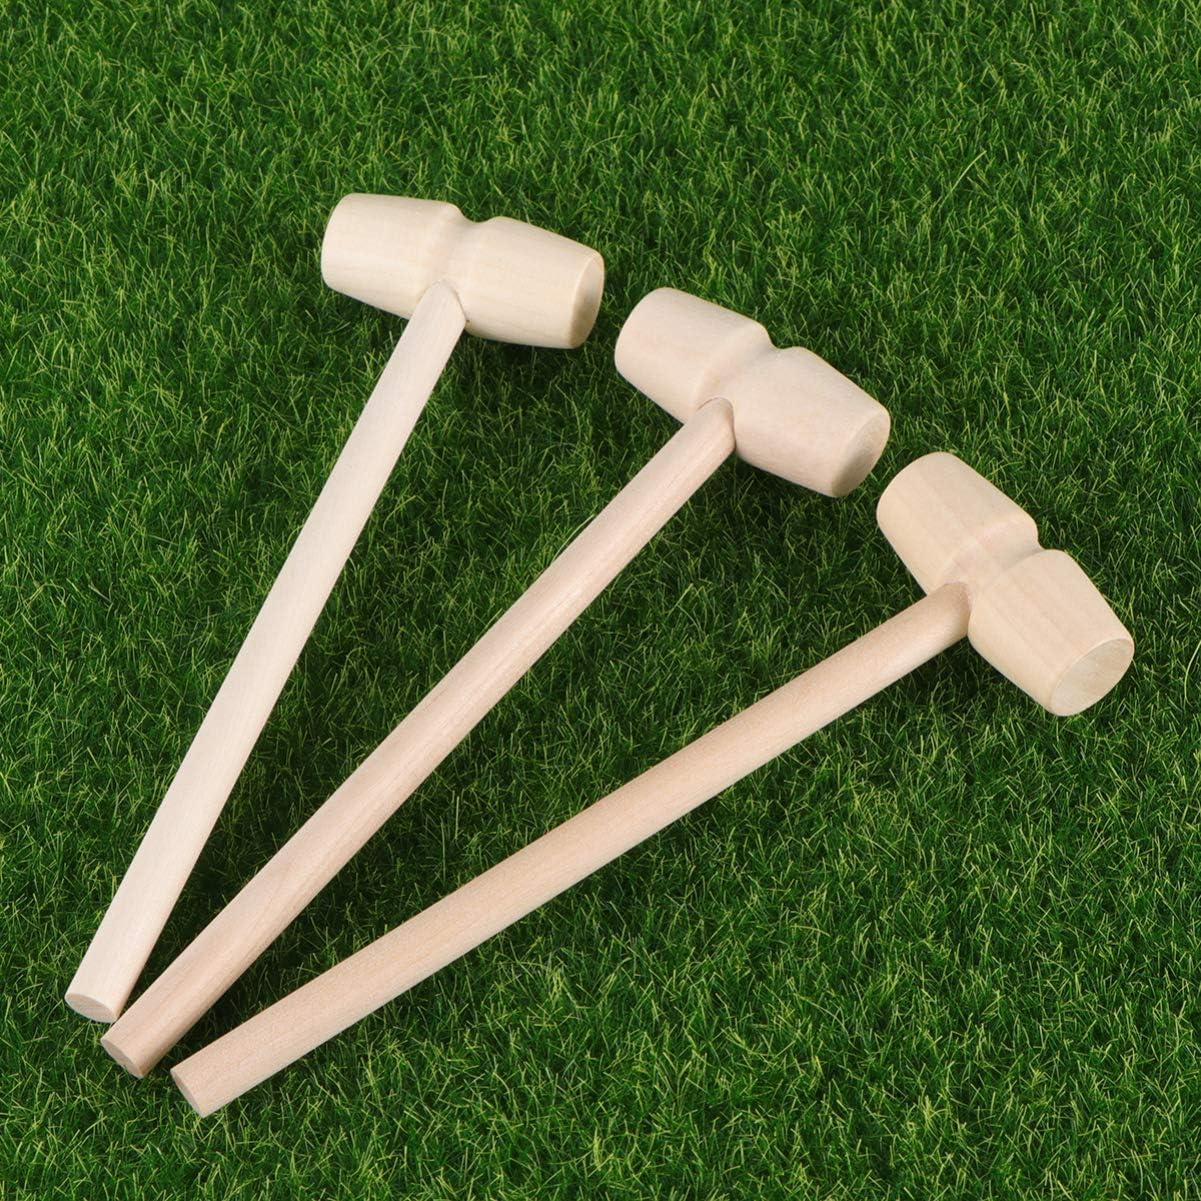 Stile 1 STOBOK Mini Mazze da Martello in Legno da 12 Pezzi Mazze da Martello per Cuore Spezzabile di Cioccolato